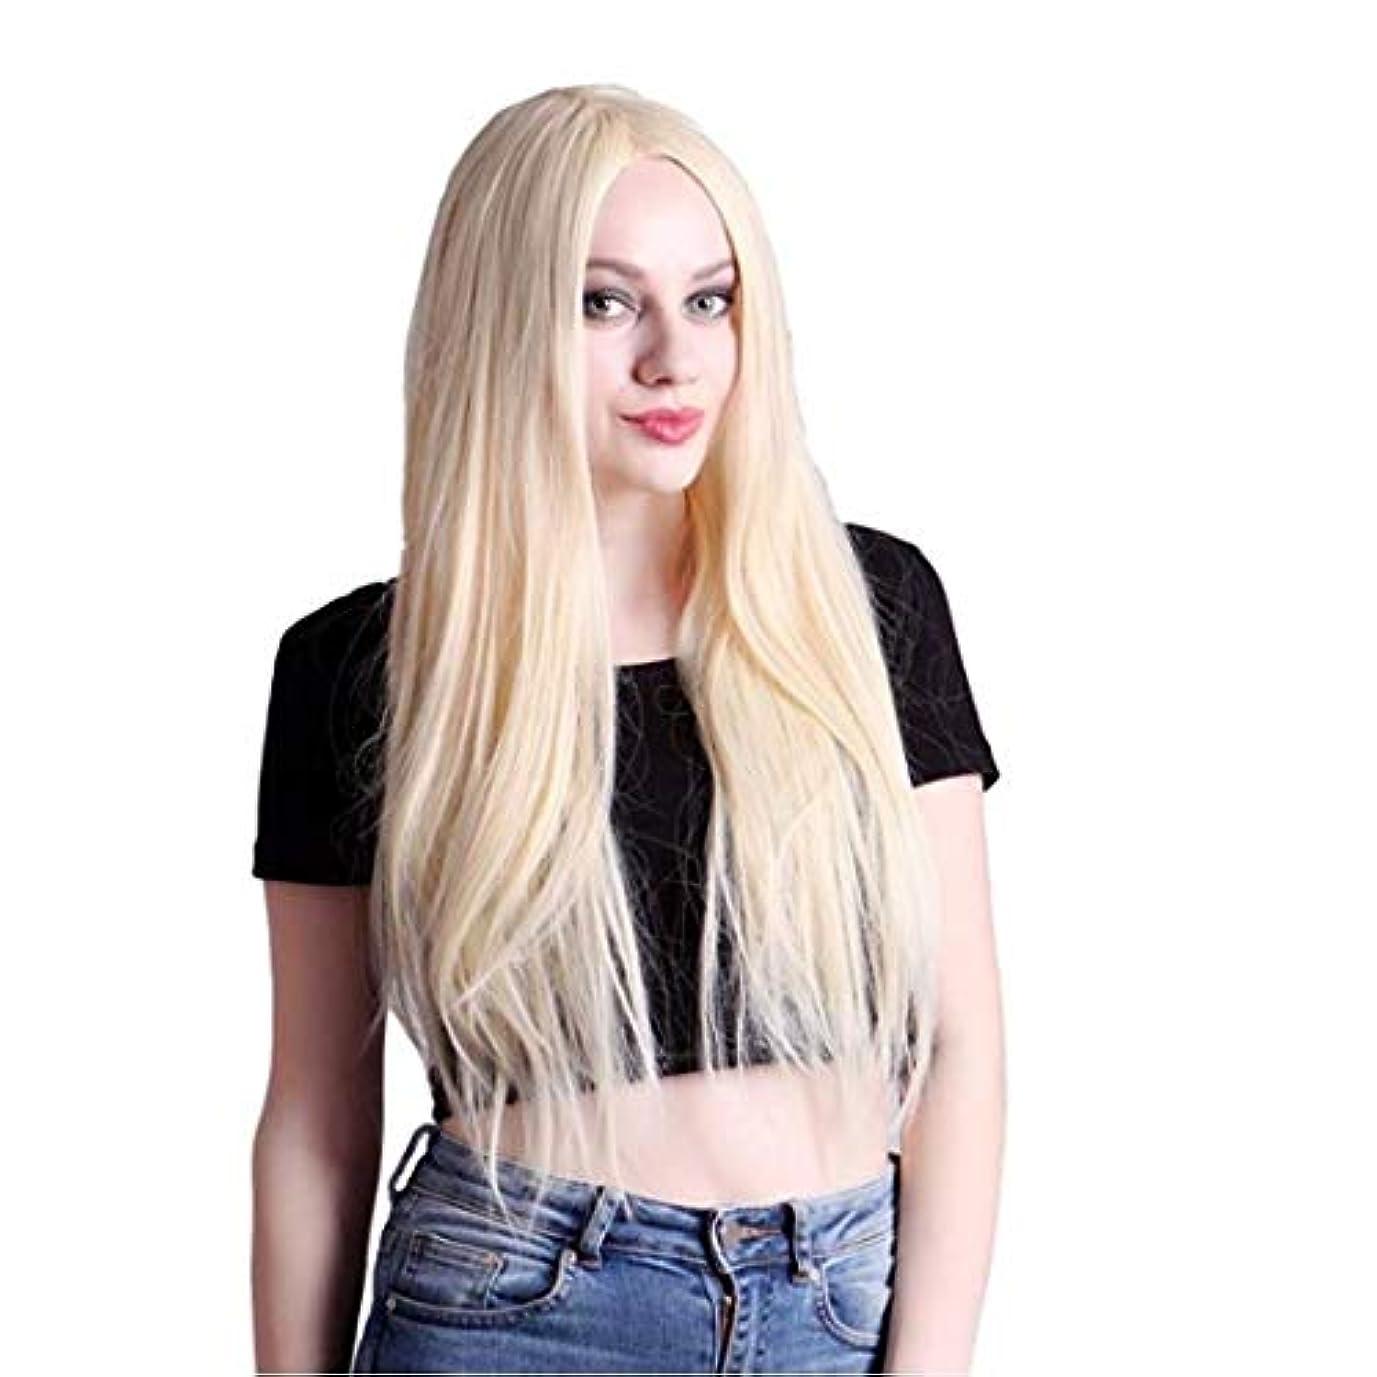 息を切らして教育するインデックスKerwinner レディースウィッグ夏スタイルの完璧なヘアラインルートウィッグ人工毛フロントレースかつらすべての肌のトーンのシルクストレートヘア